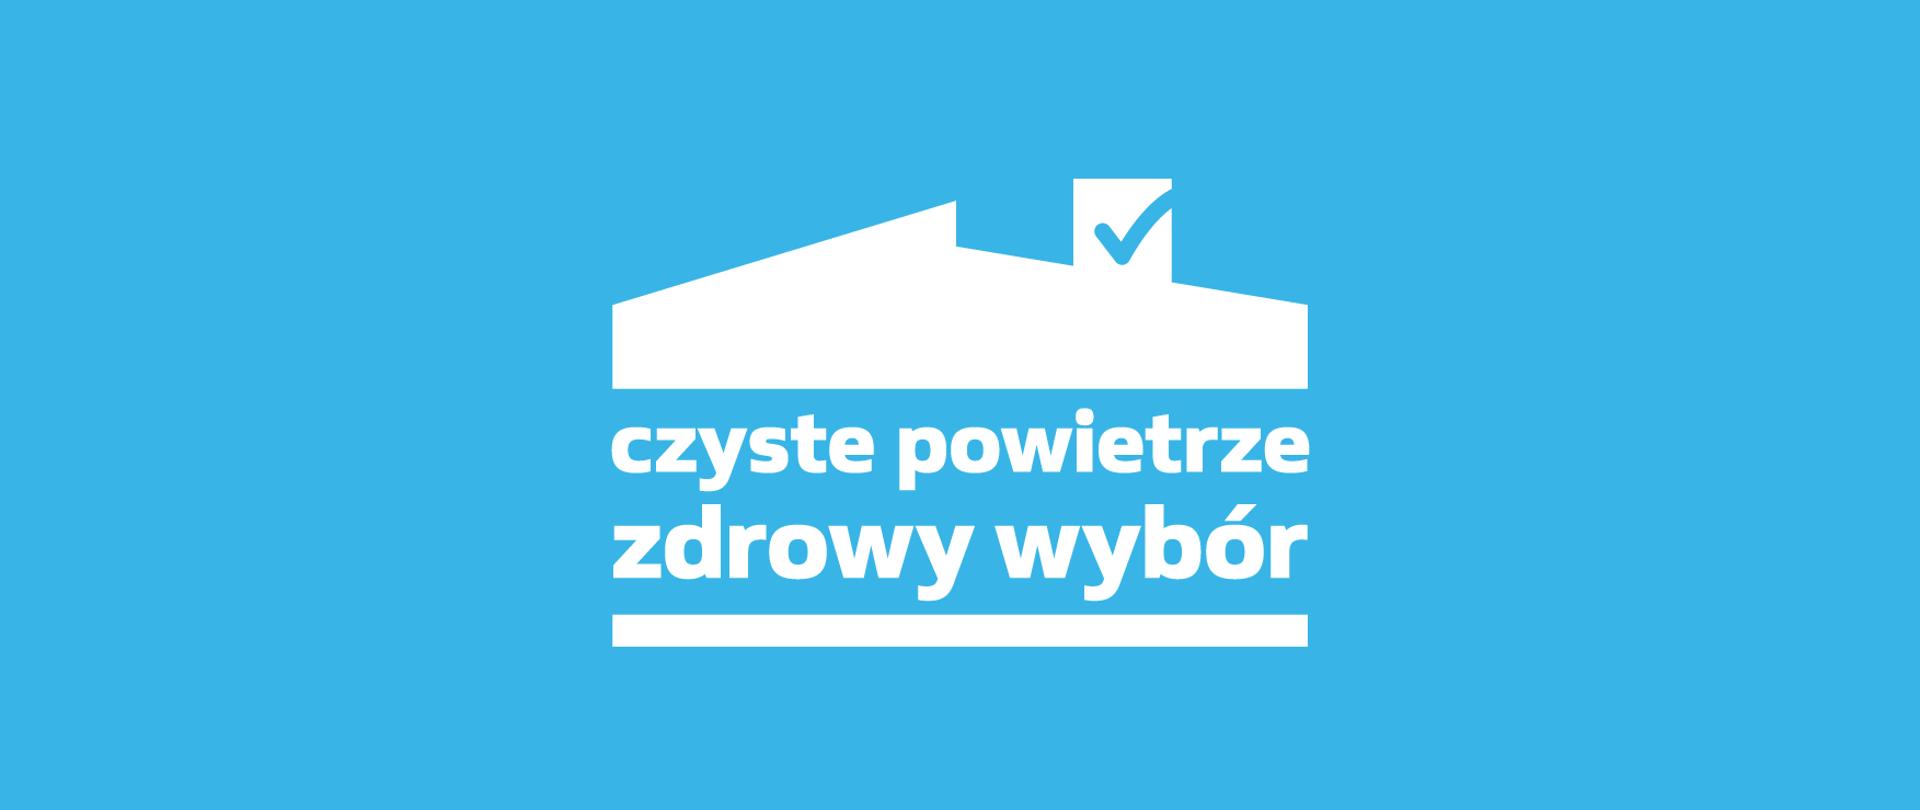 Logo Kampanii z hasłem